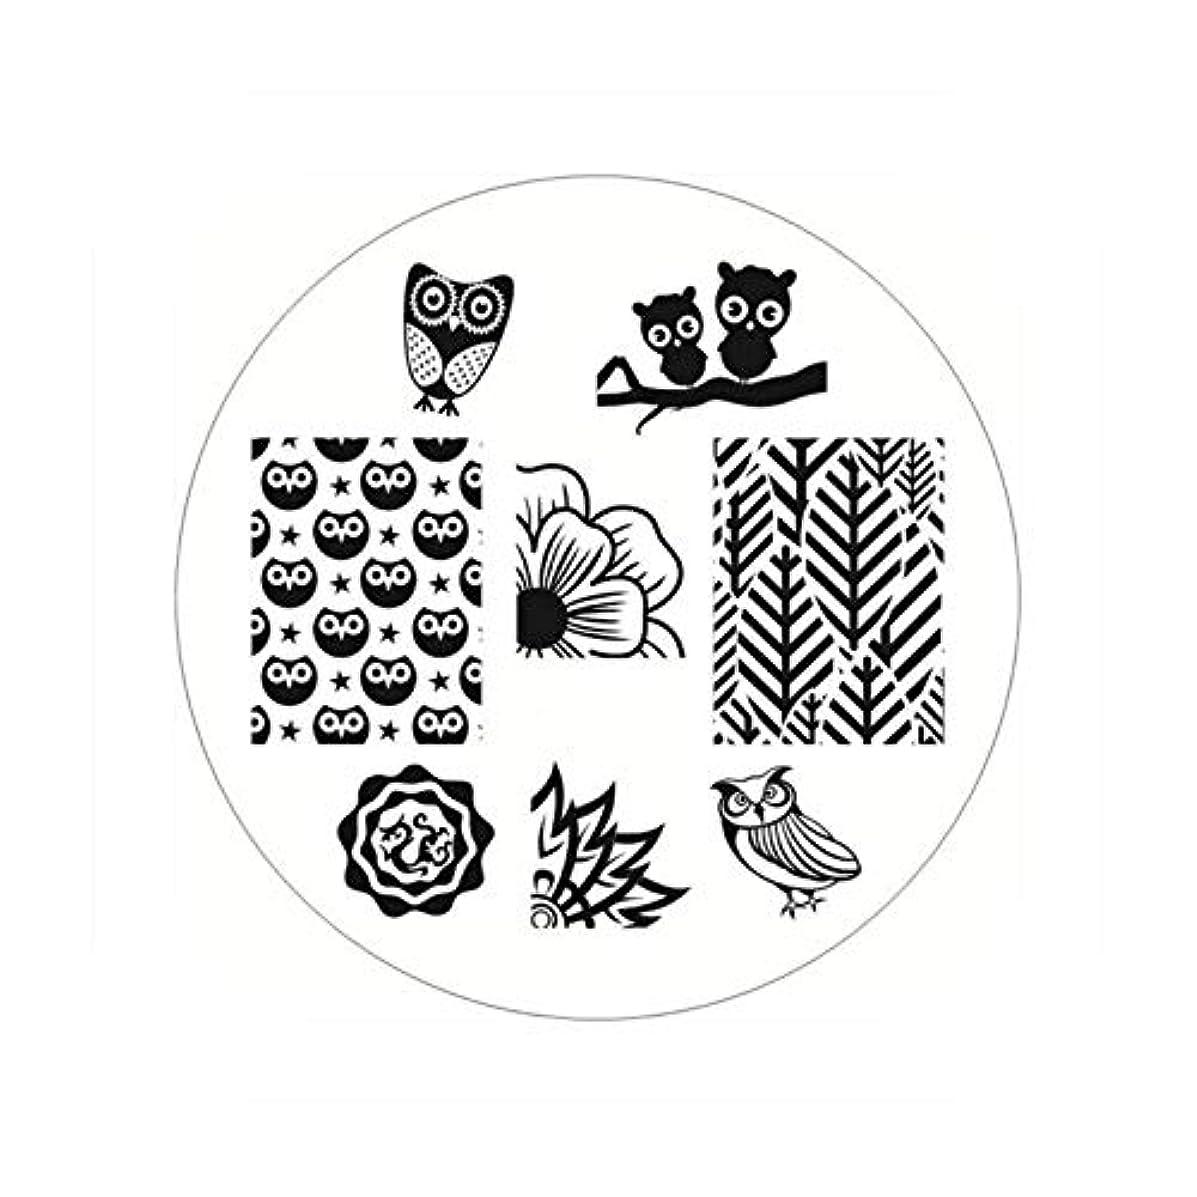 アジテーション厳引用生まれたかわいい長方形のネイルスタンピングプレートラインネイルアートイメージスタンプテンプレートステンシル芸術的な夏のテーマ,BP54